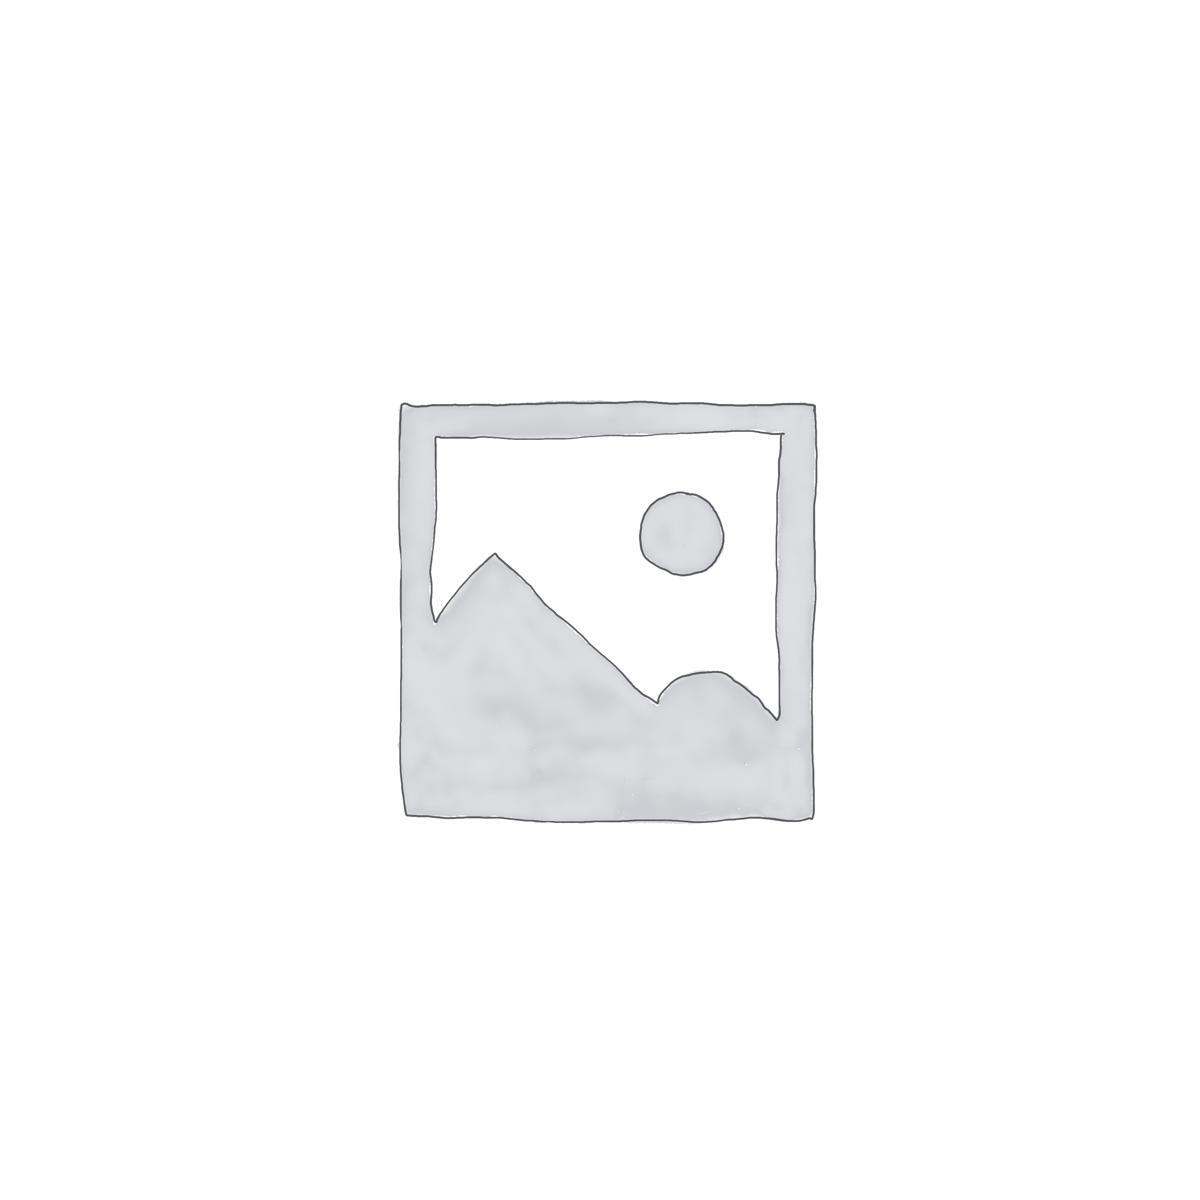 3D Embossed Look Dark Horse Wallpaper Mural